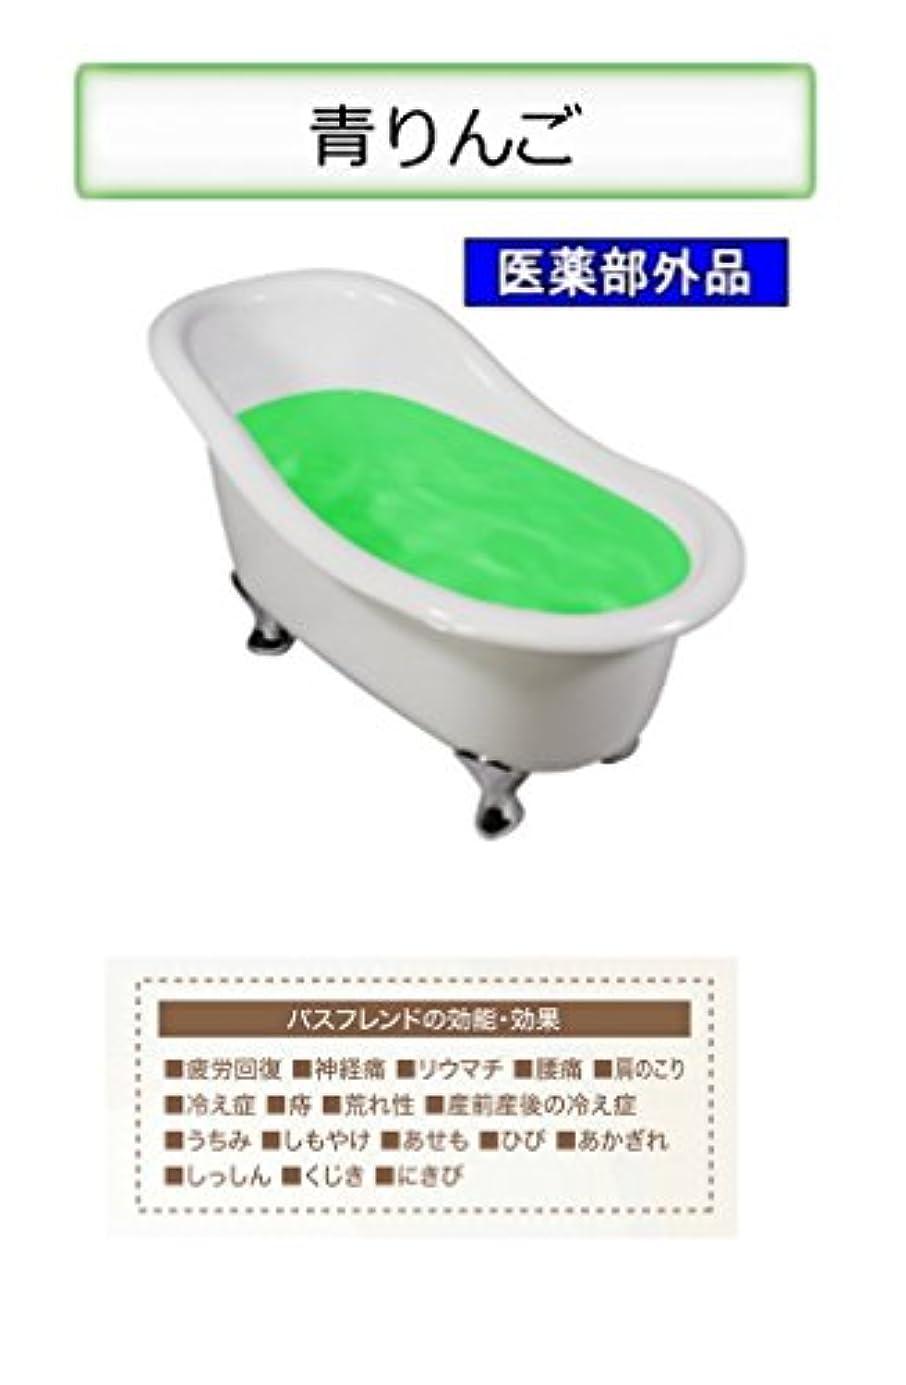 あざ驚き剣薬用入浴剤 バスフレンド/伊吹正 (青リンゴ, 17kg)